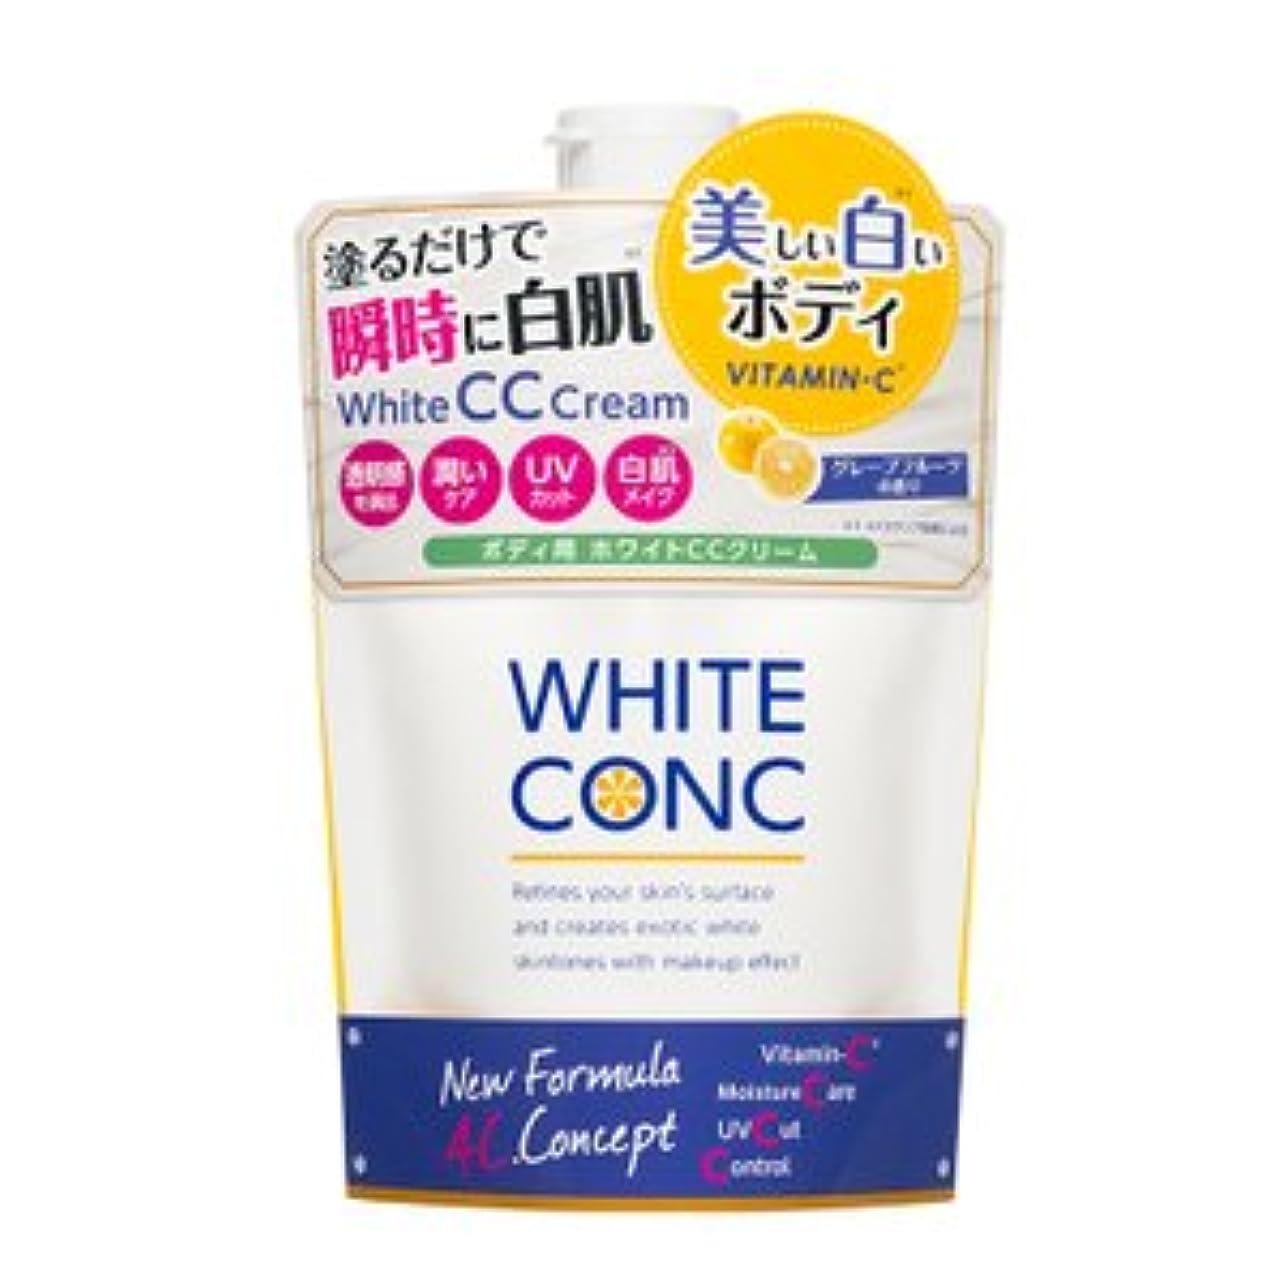 著者アンビエント水を飲む薬用ホワイトコンクホワイトCCクリーム 200g